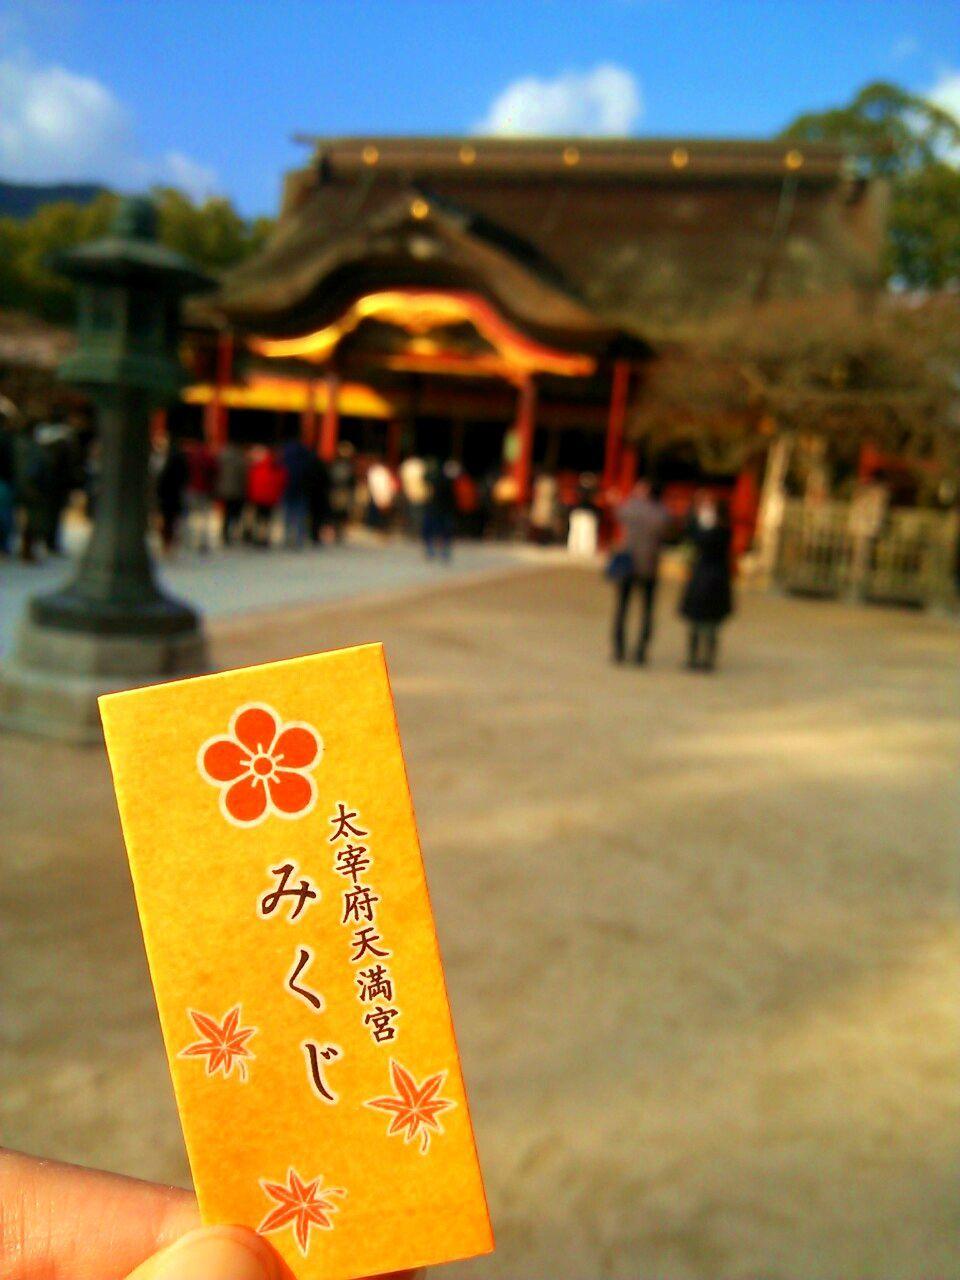 福岡に来たら「天神さま」太宰府天満宮にお参り!